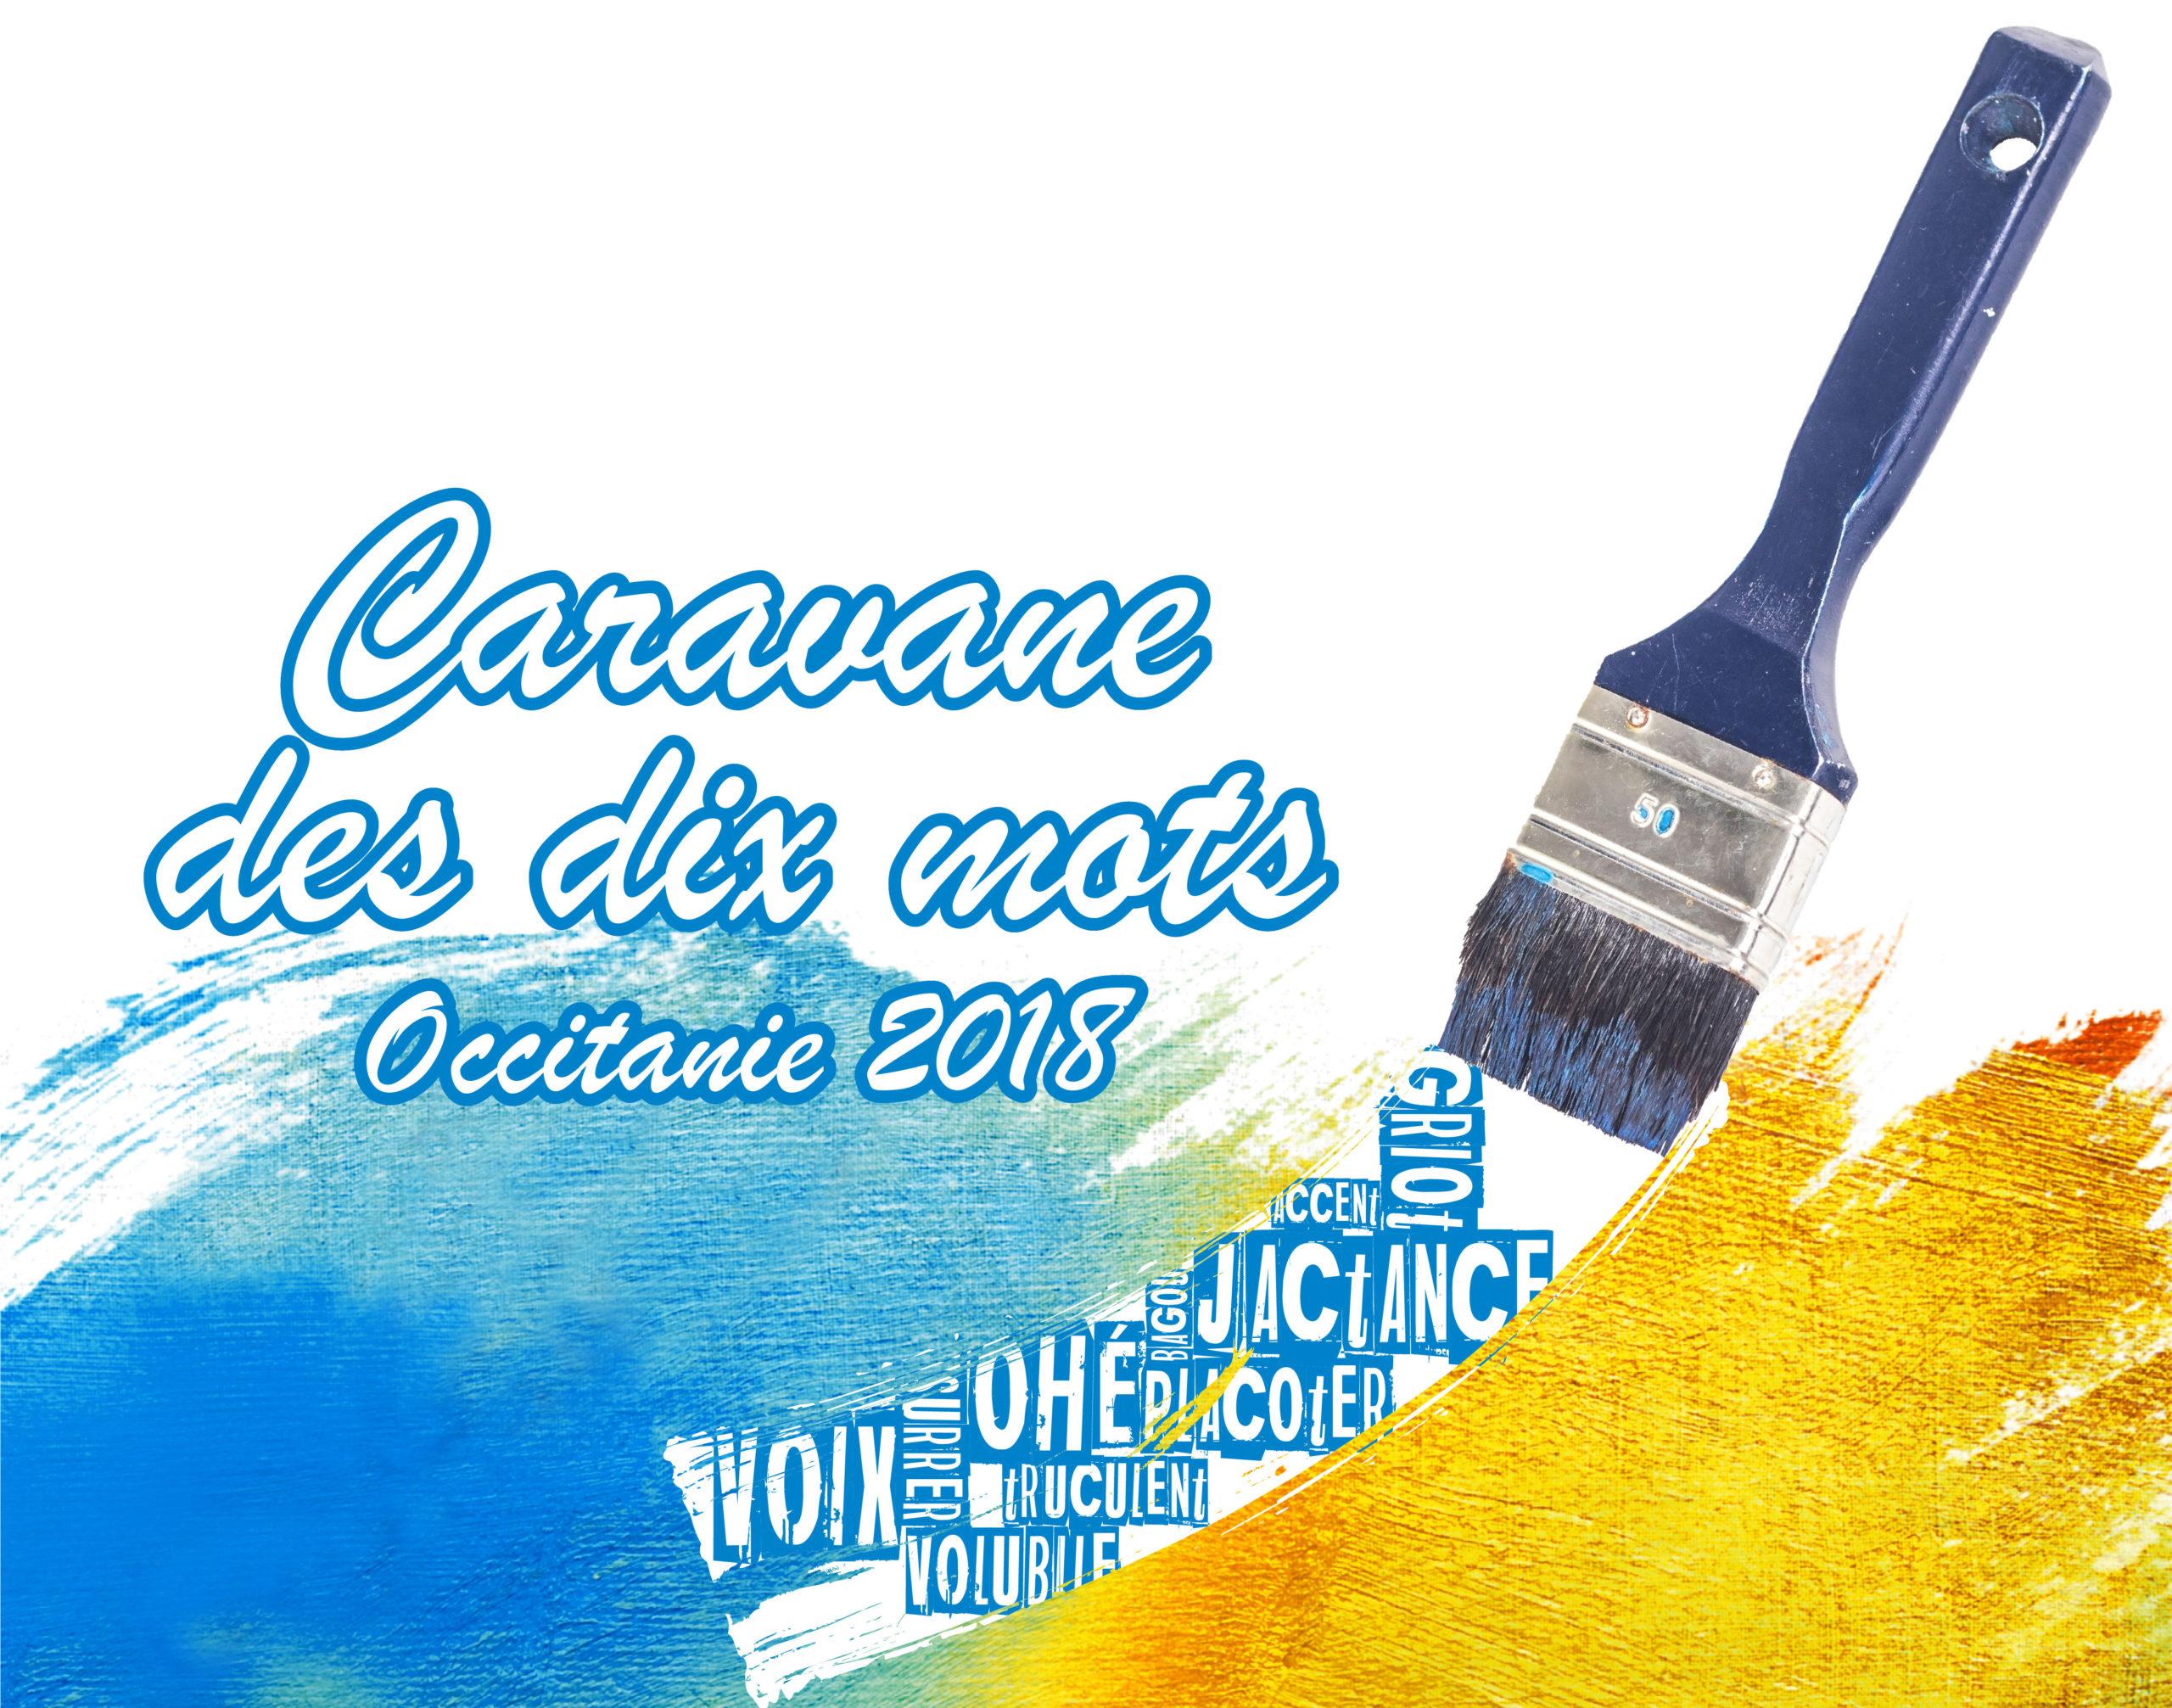 La Caravane des dix mots Occitanie 2018